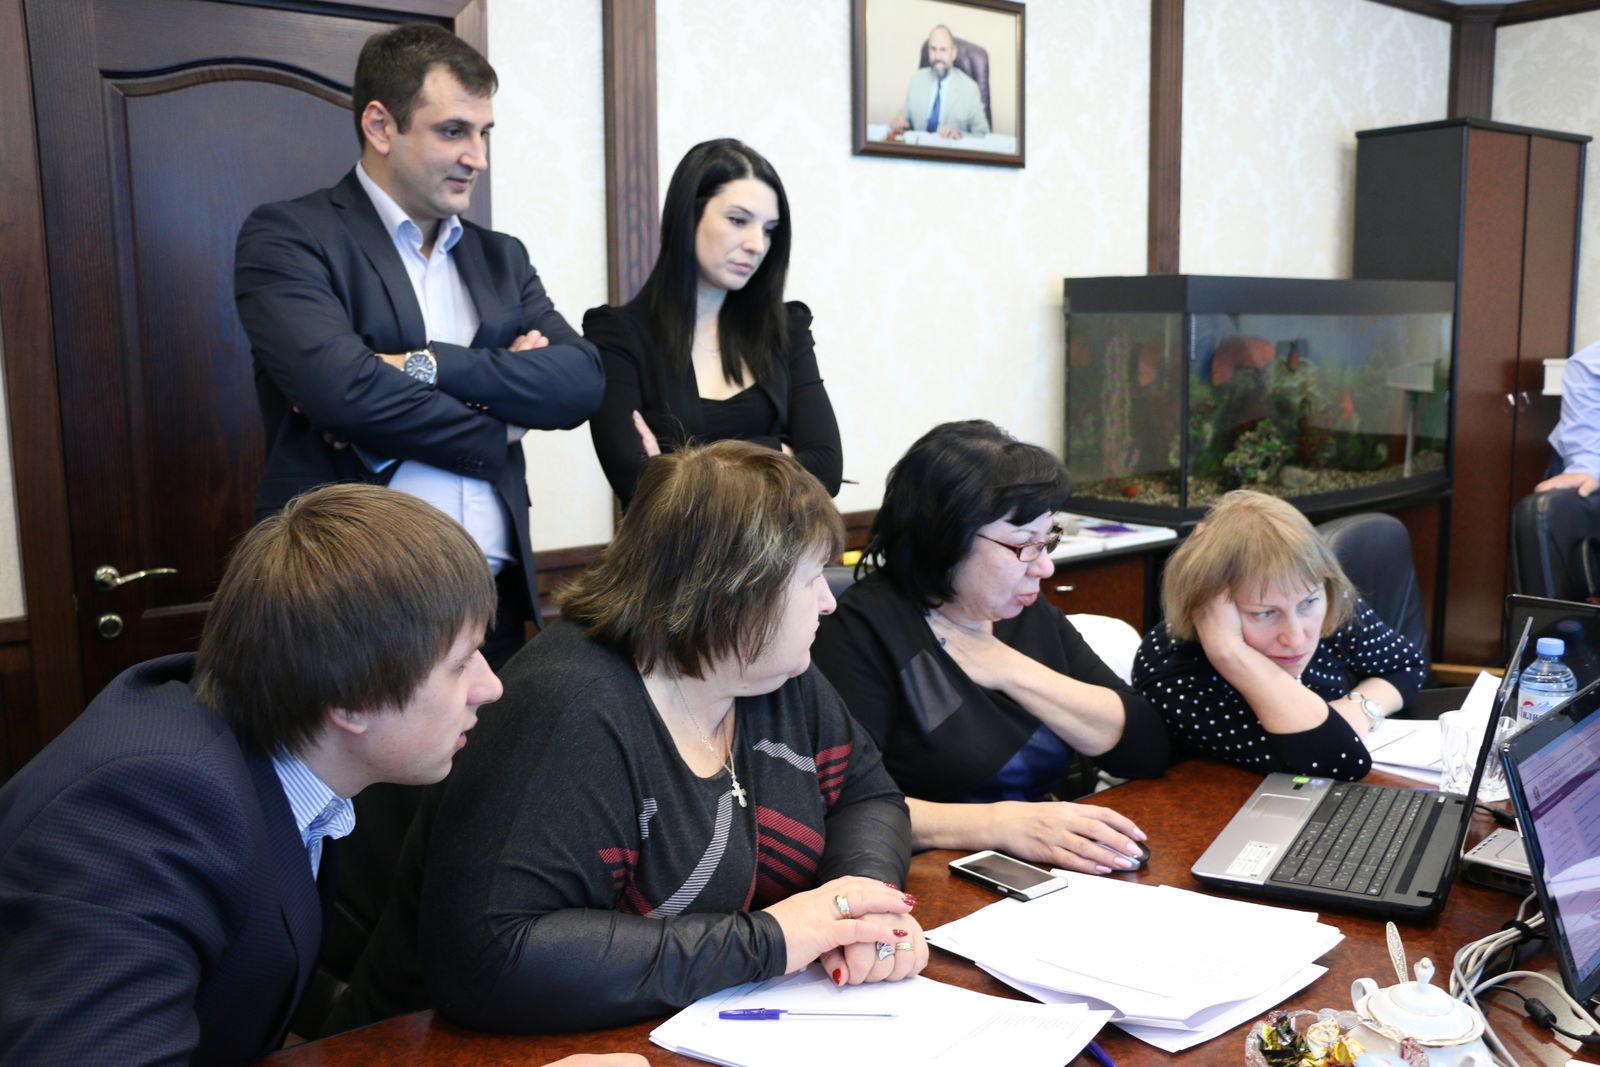 ошибочно нотариальная палата ставропольский край маршруте Москва Белгород